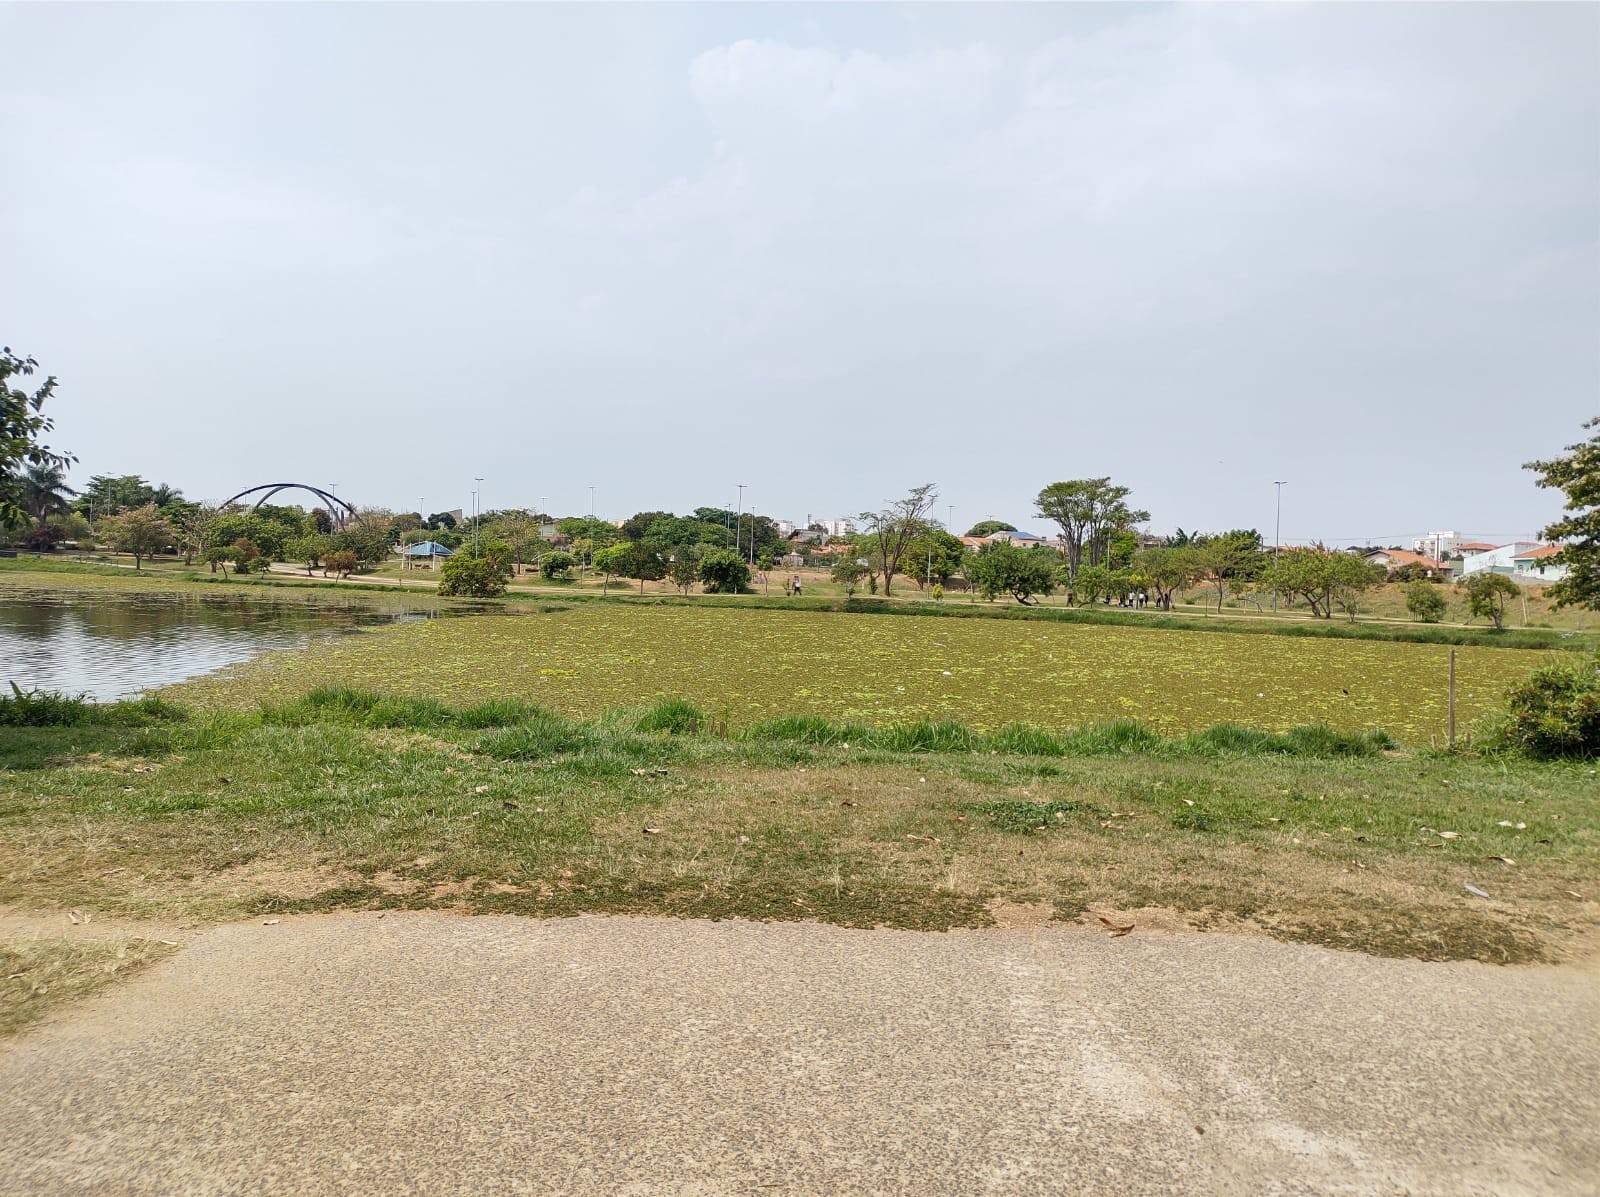 Algas cobrem lago no Parque das Águas em Sorocaba